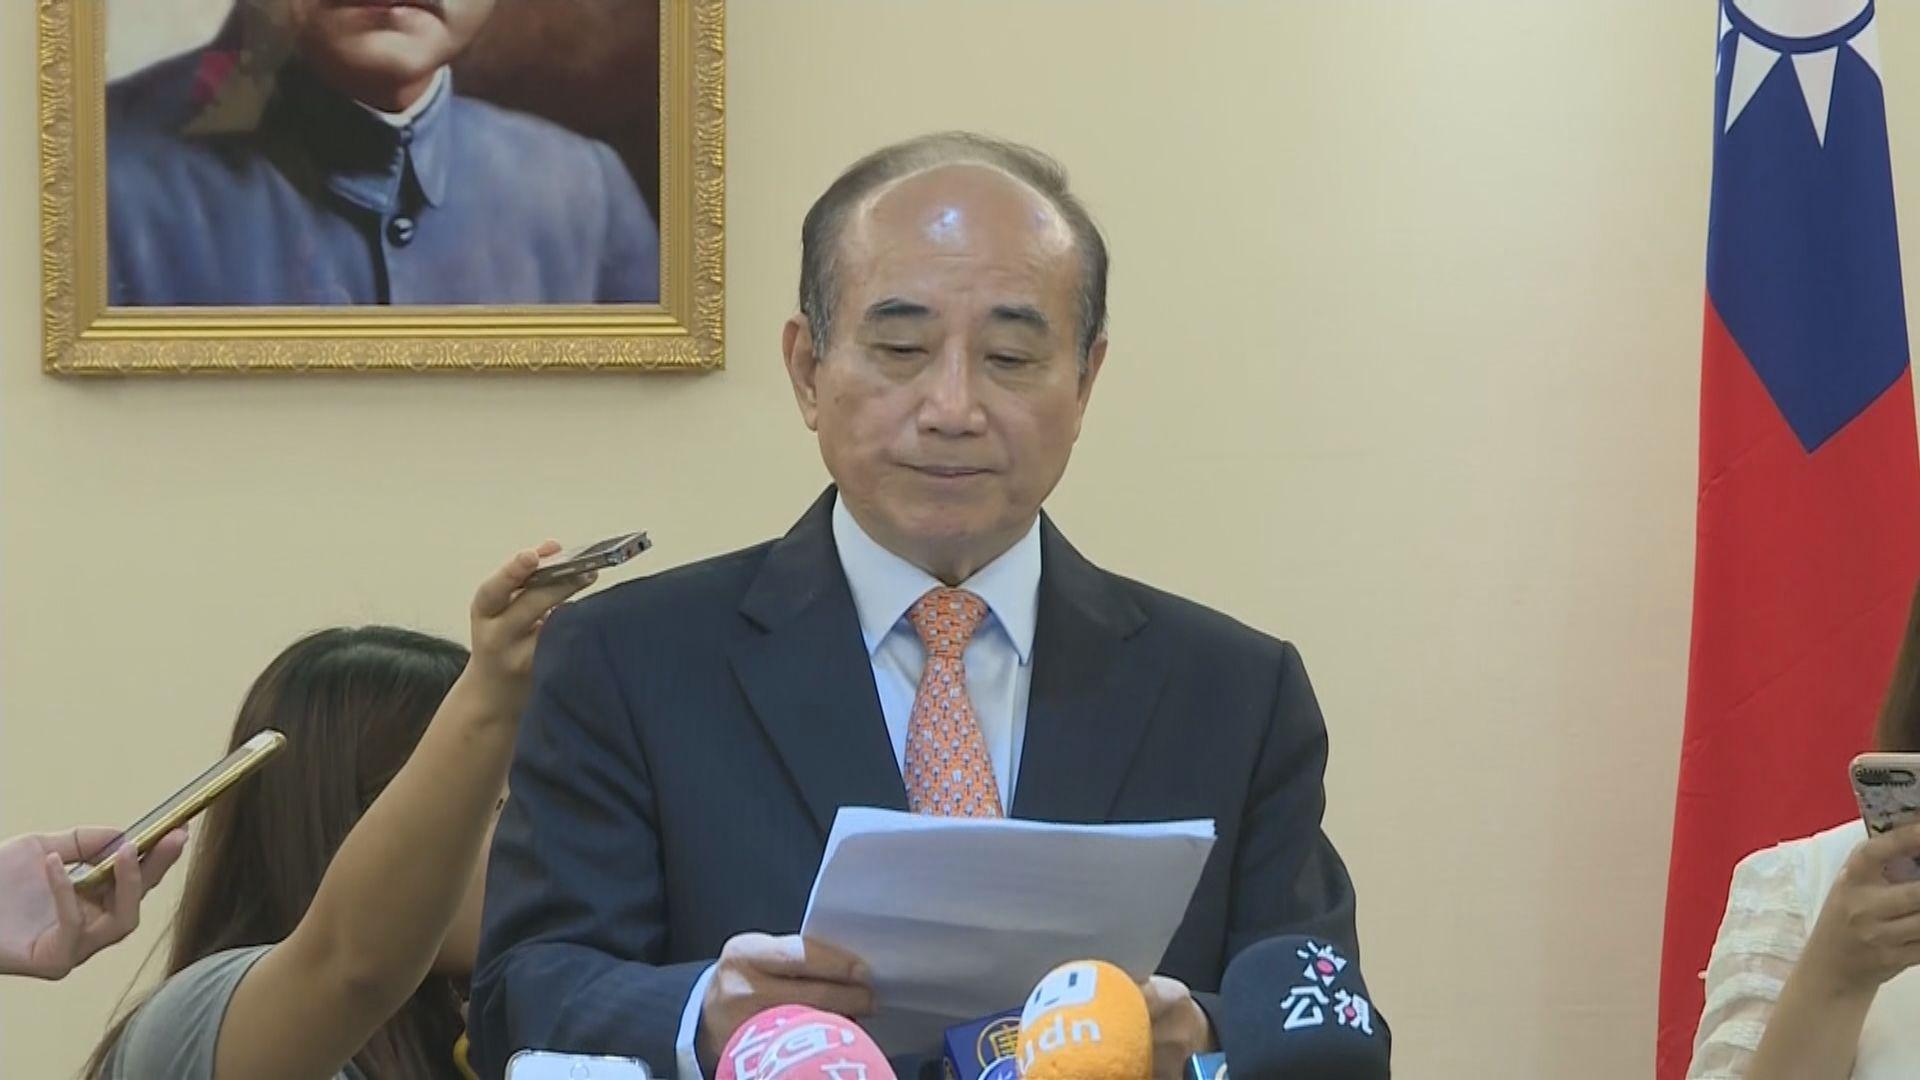 國民黨取消赴廈門出席海峽論壇